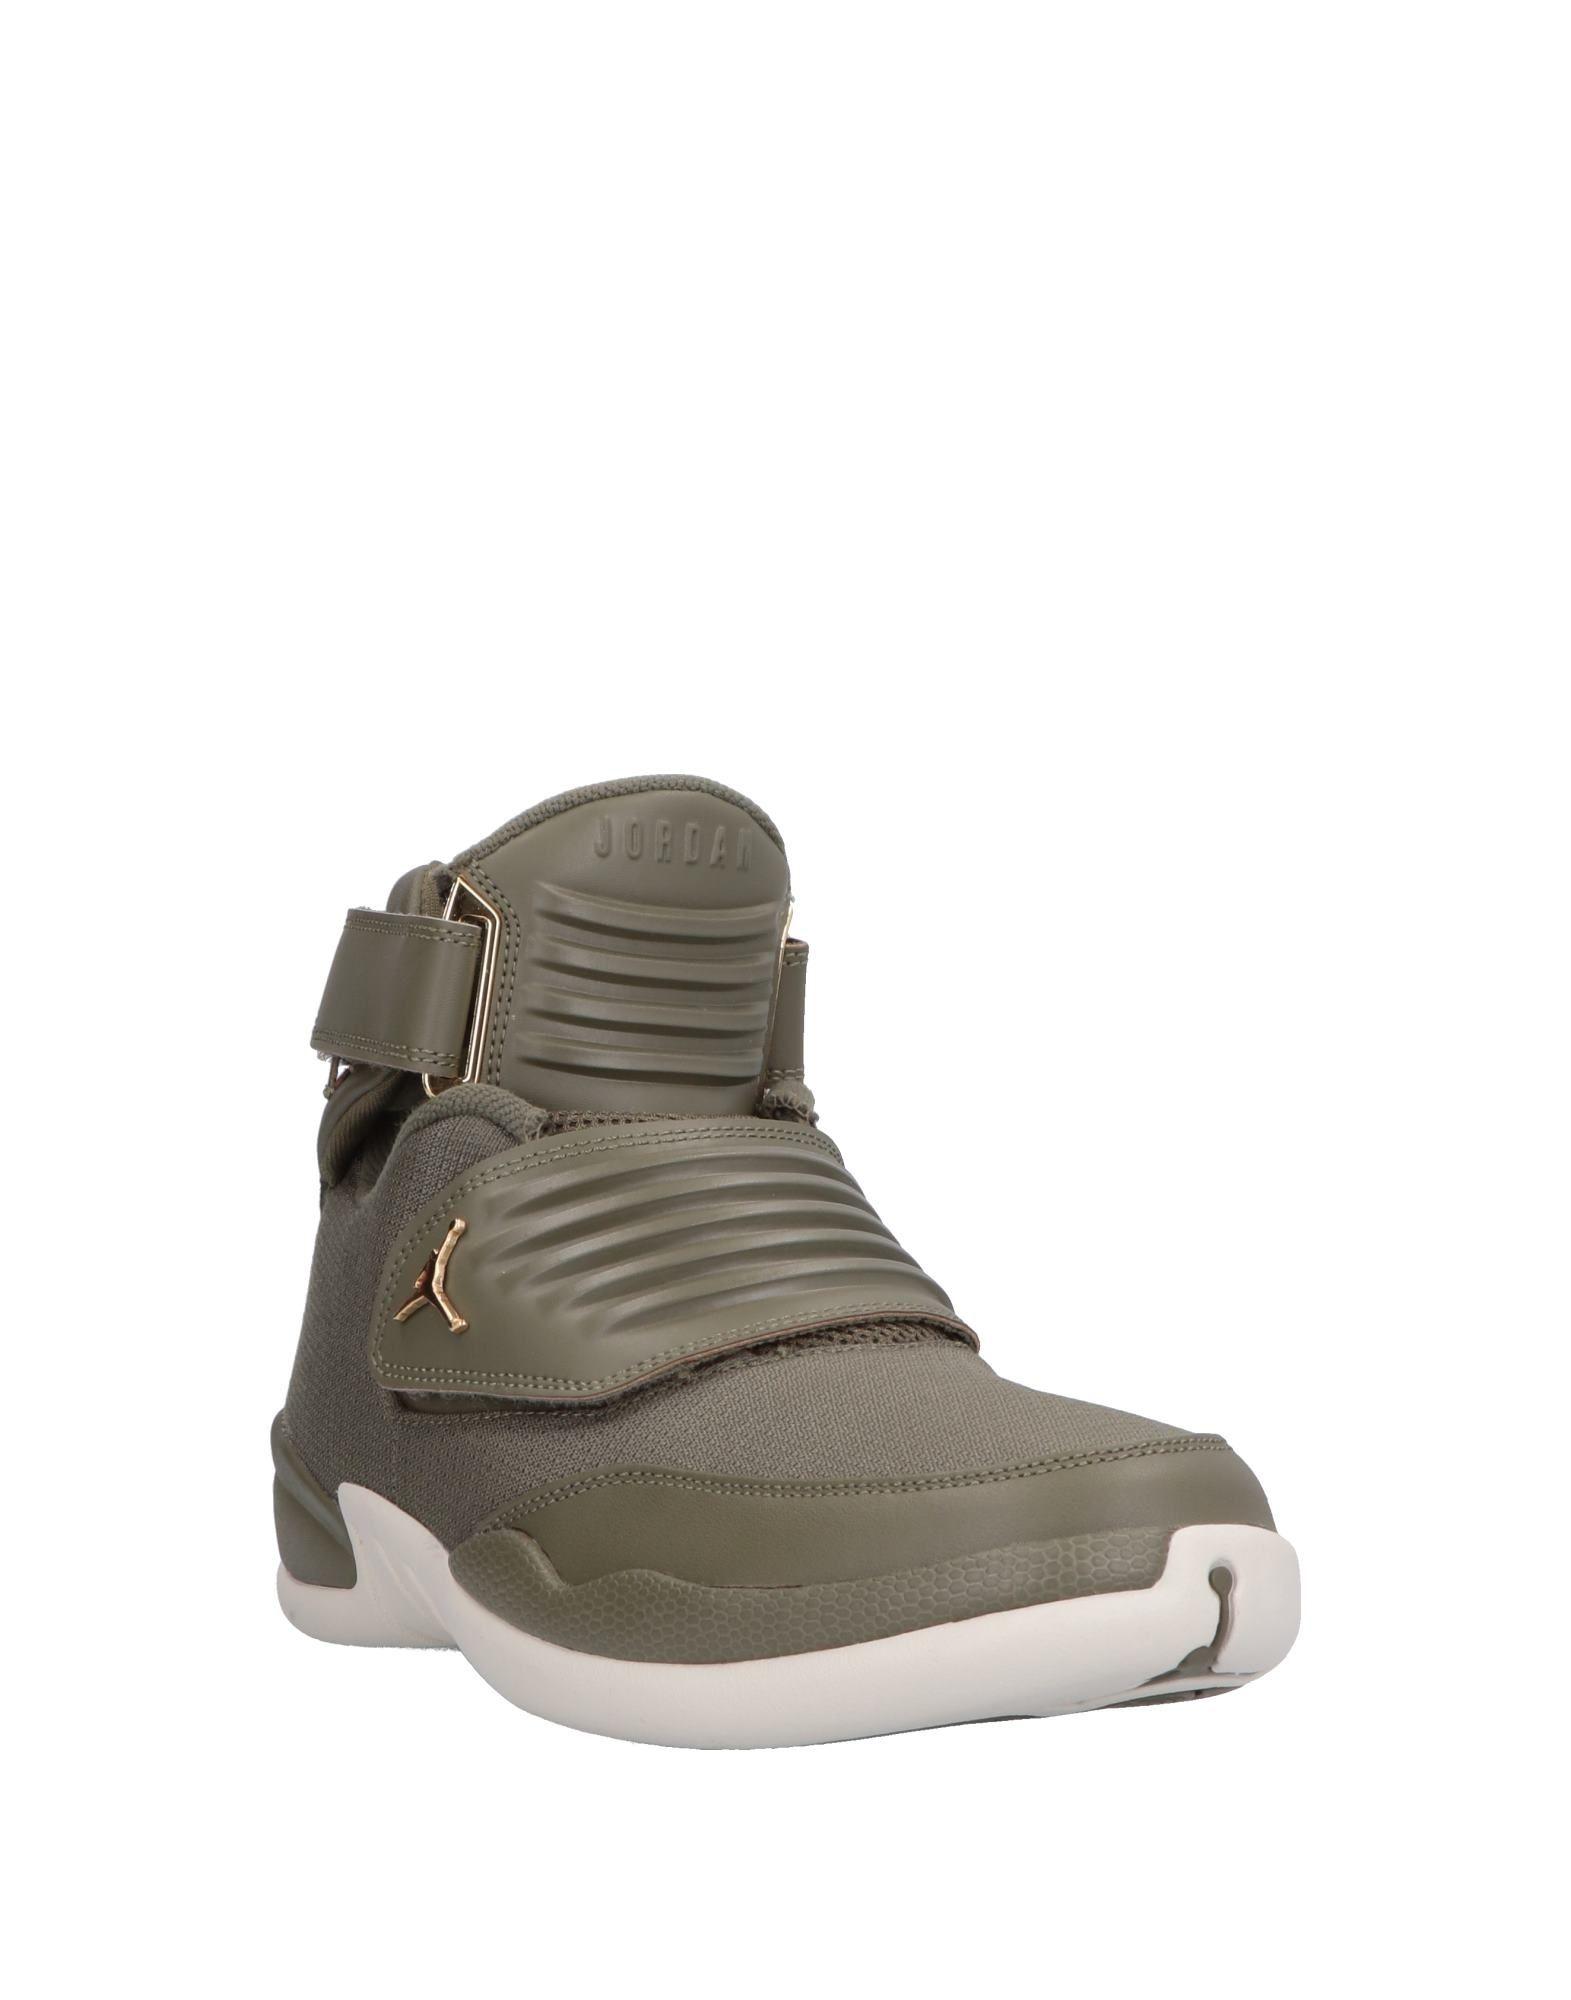 JORDAN ΠΑΠΟΥΤΣΙΑ Χαμηλά sneakers e86f3dd0f2d